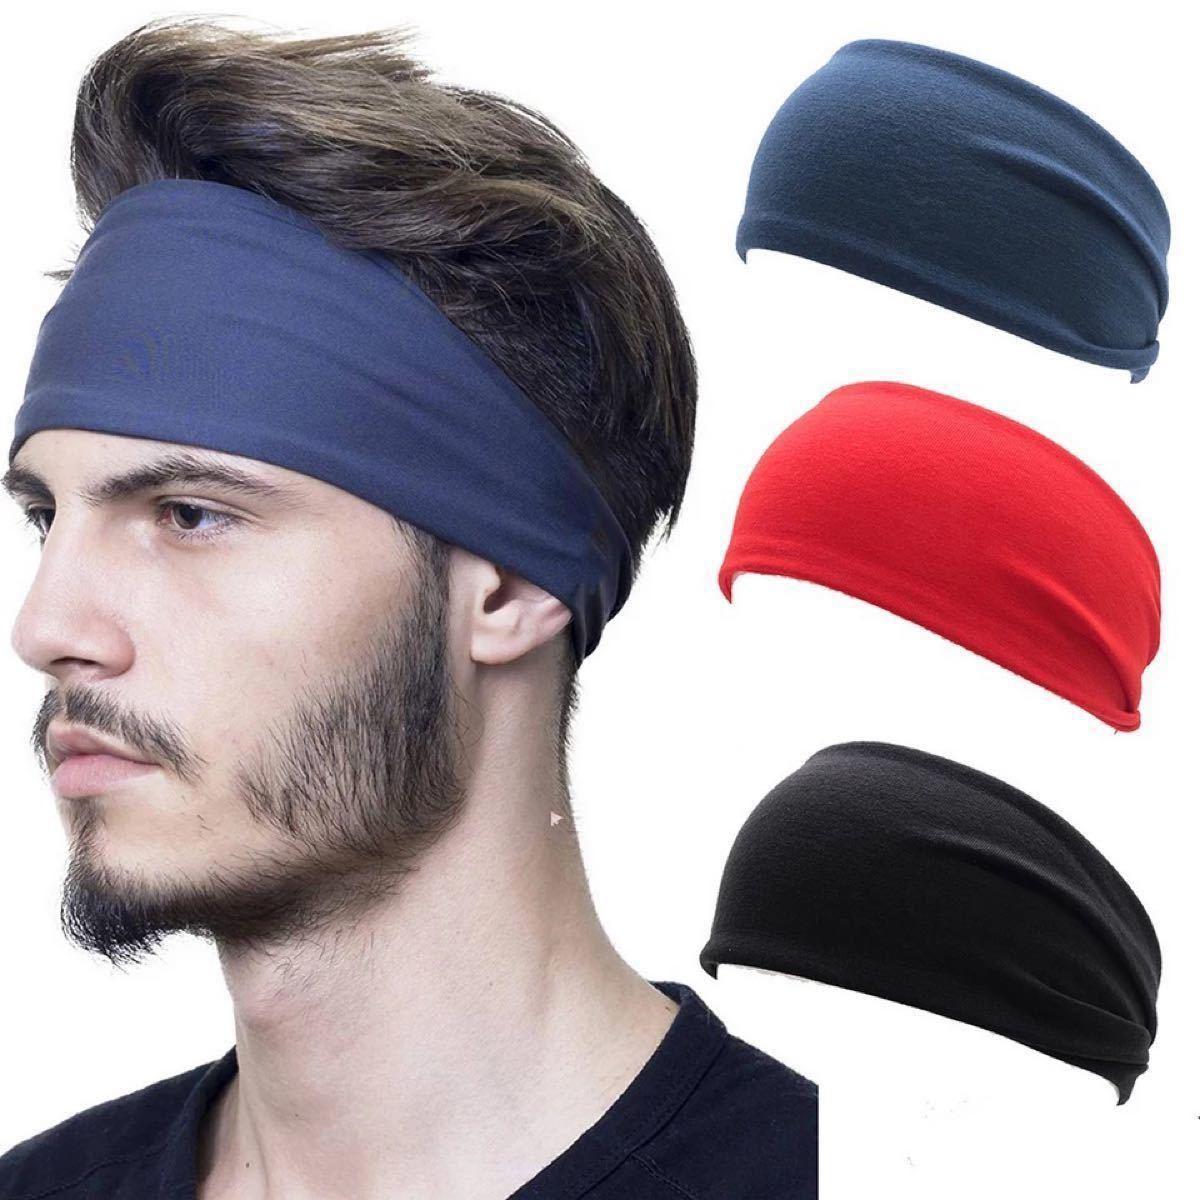 ヘアバンド メンズヘッドバンドターバン汗止め ネイビー 紺色 カチューシャ 速乾 テニス ランニング